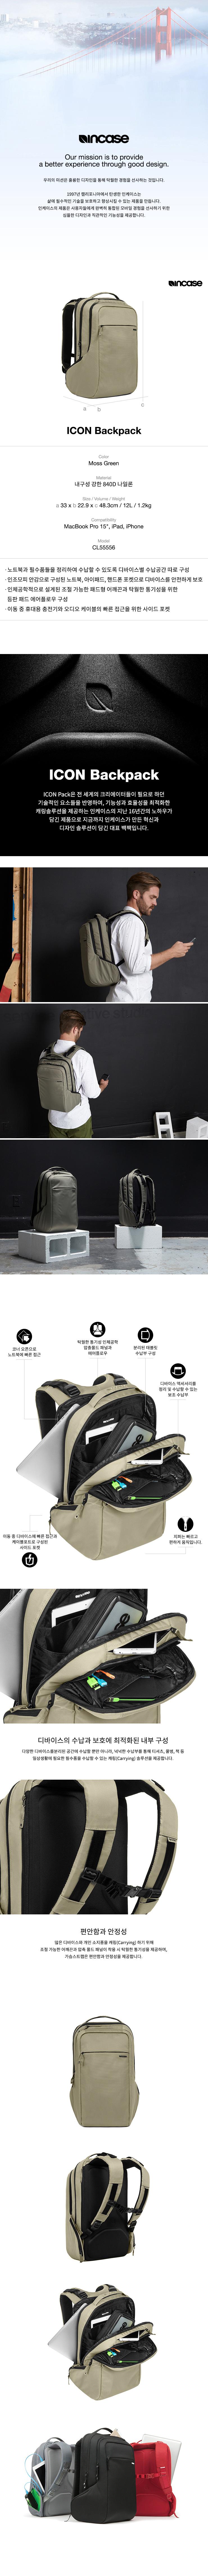 [인케이스]INCASE - Icon Backpack CL55556 (Moss Green) 인케이스백팩 정품  신상품 백팩 가방 노트북가방 노트북백팩 15인치 15인치맥북 맥북가방